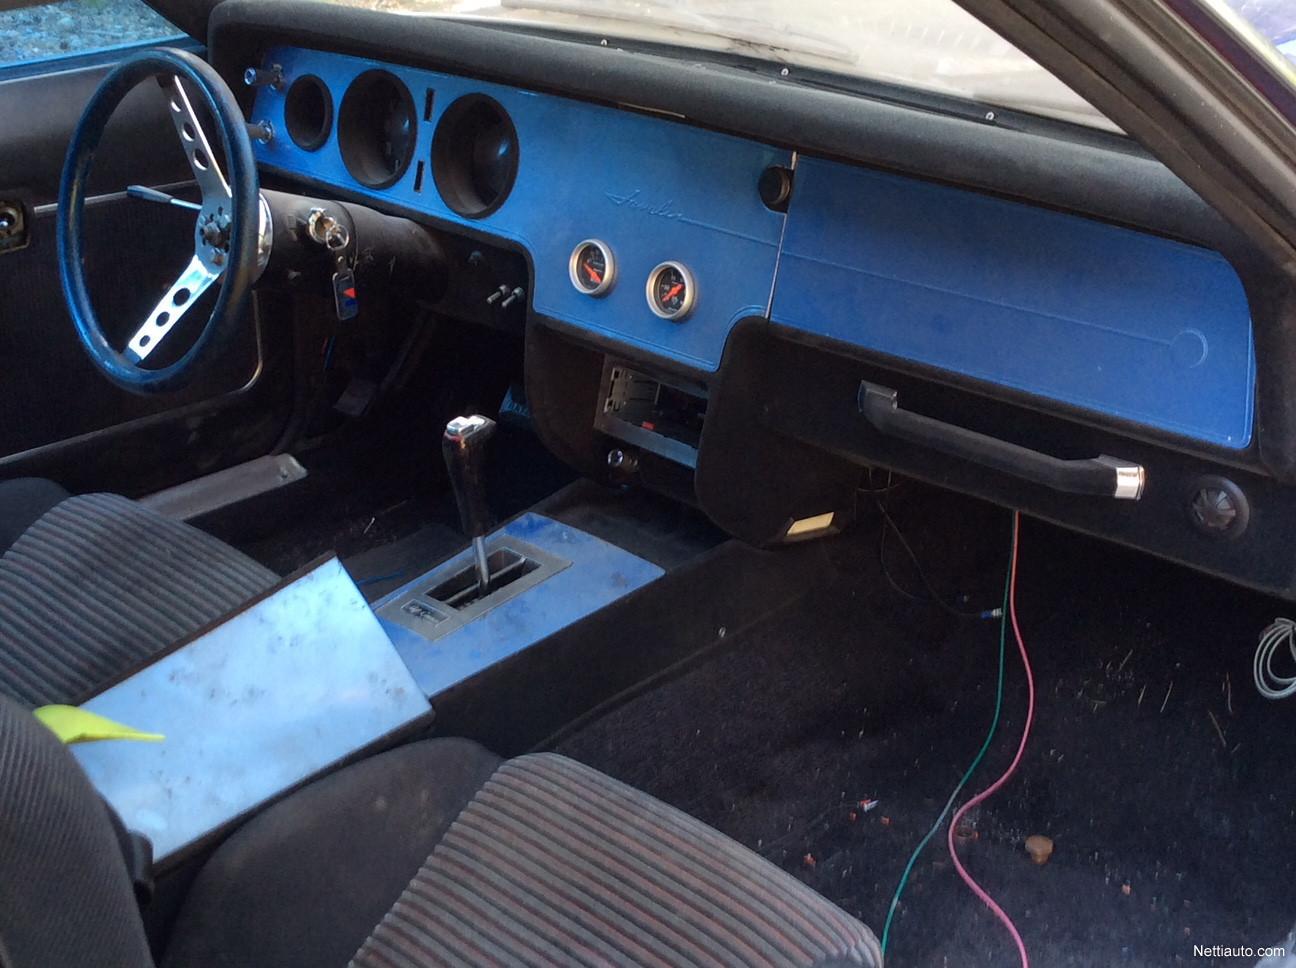 AMC Javelin Sst Javelin Sedan 1970 - Used vehicle - Nettiauto